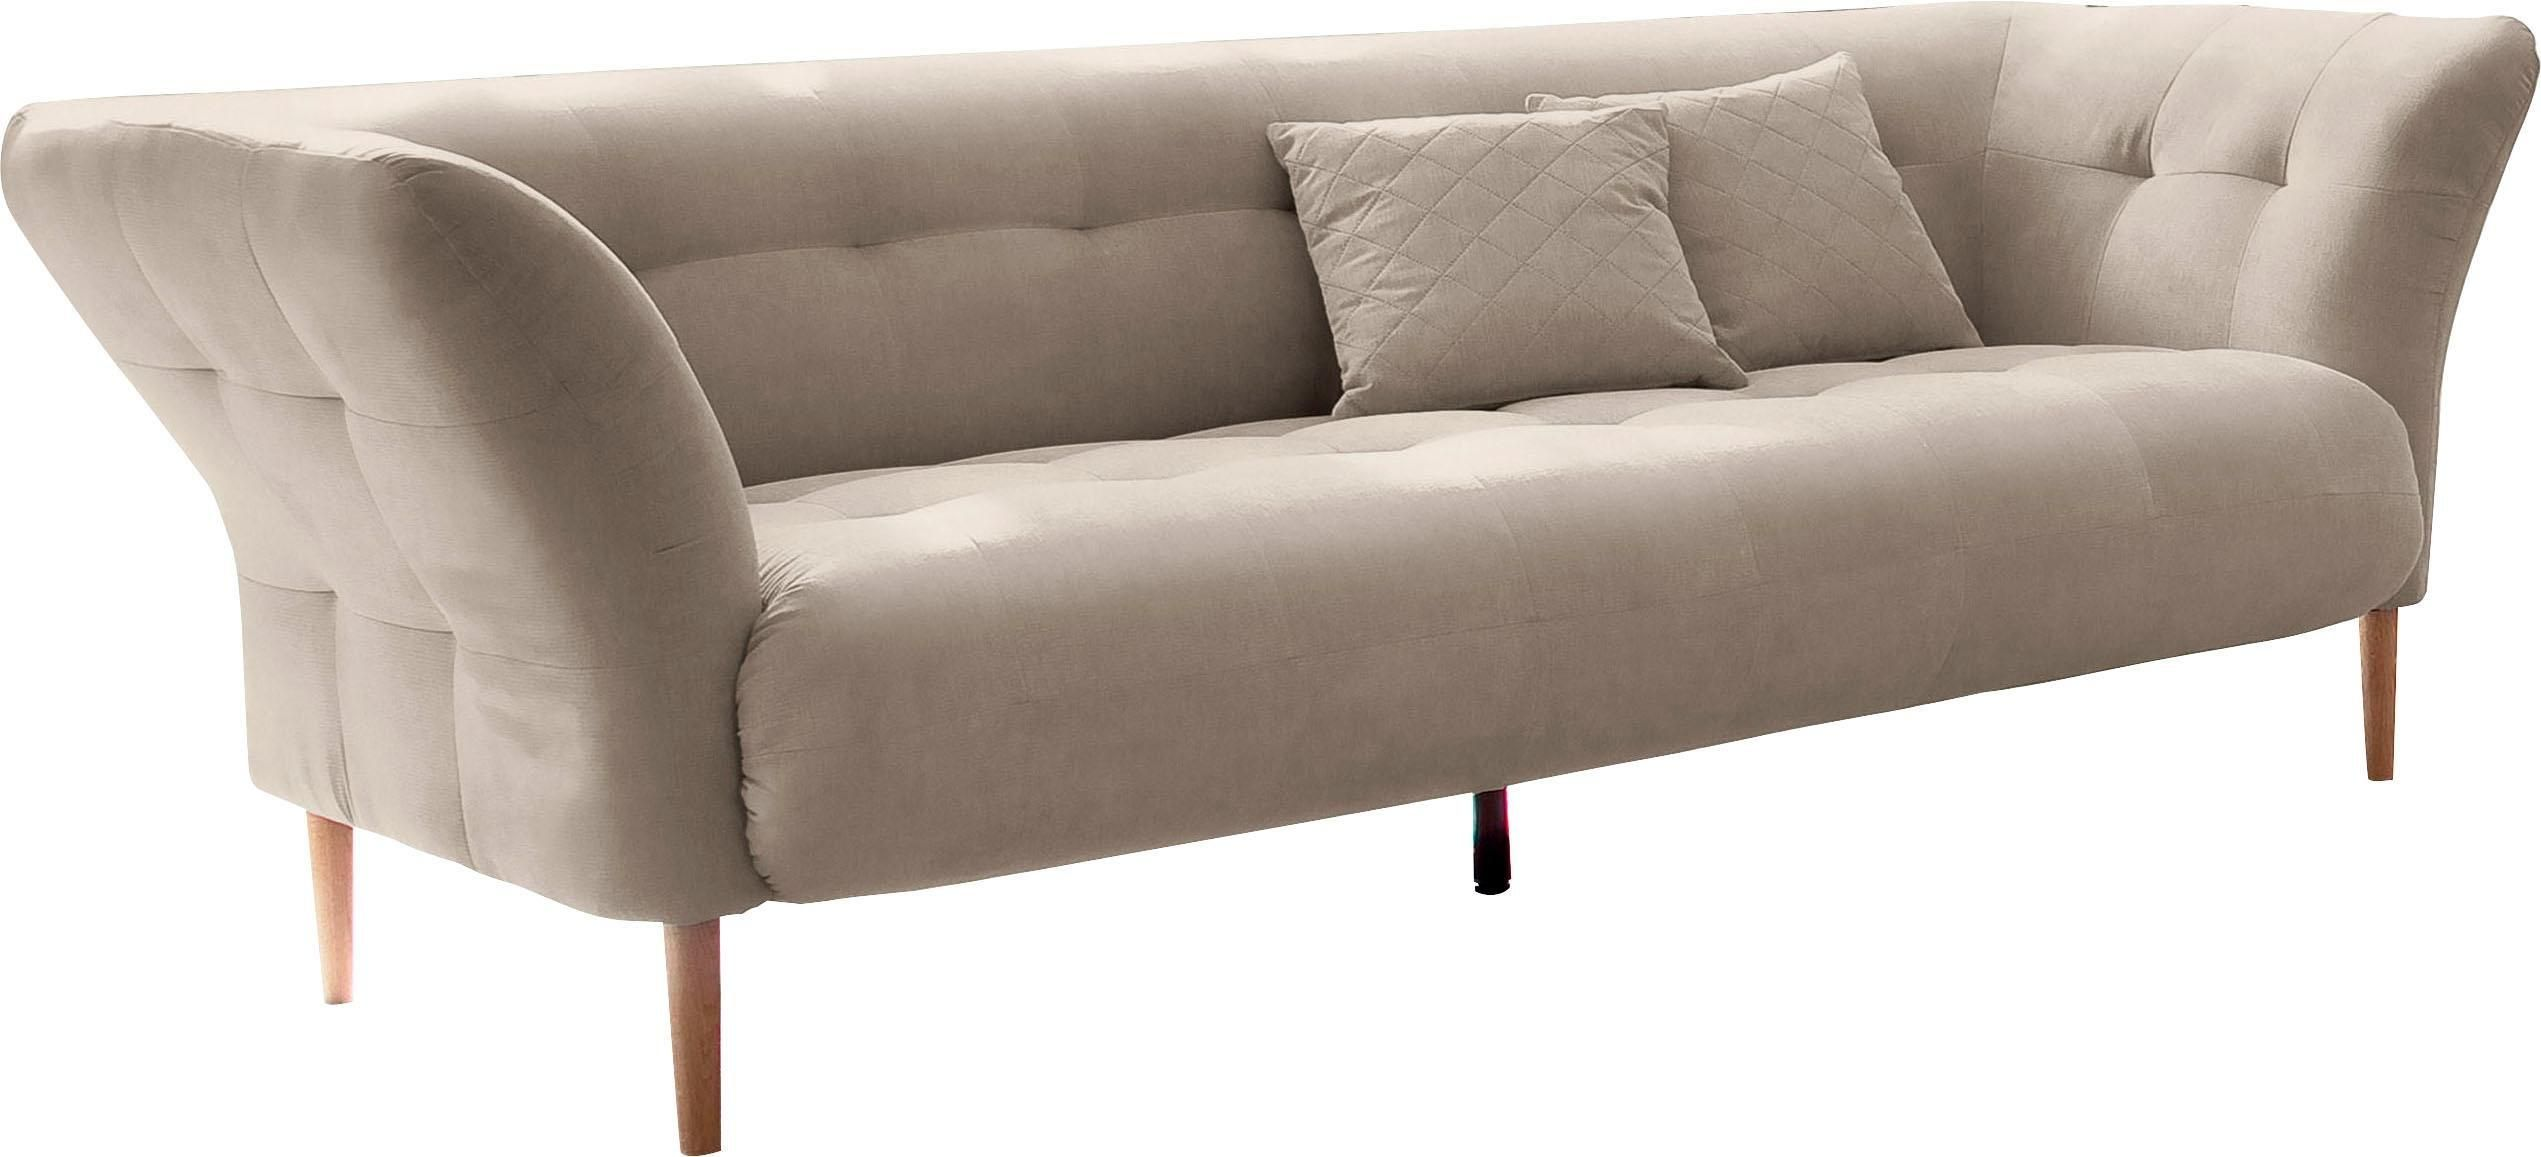 Andas 3 Sitzer Trelleborg In 2020 Sofa Mit Schlaffunktion Federkern Sofa Skandinavisches Design